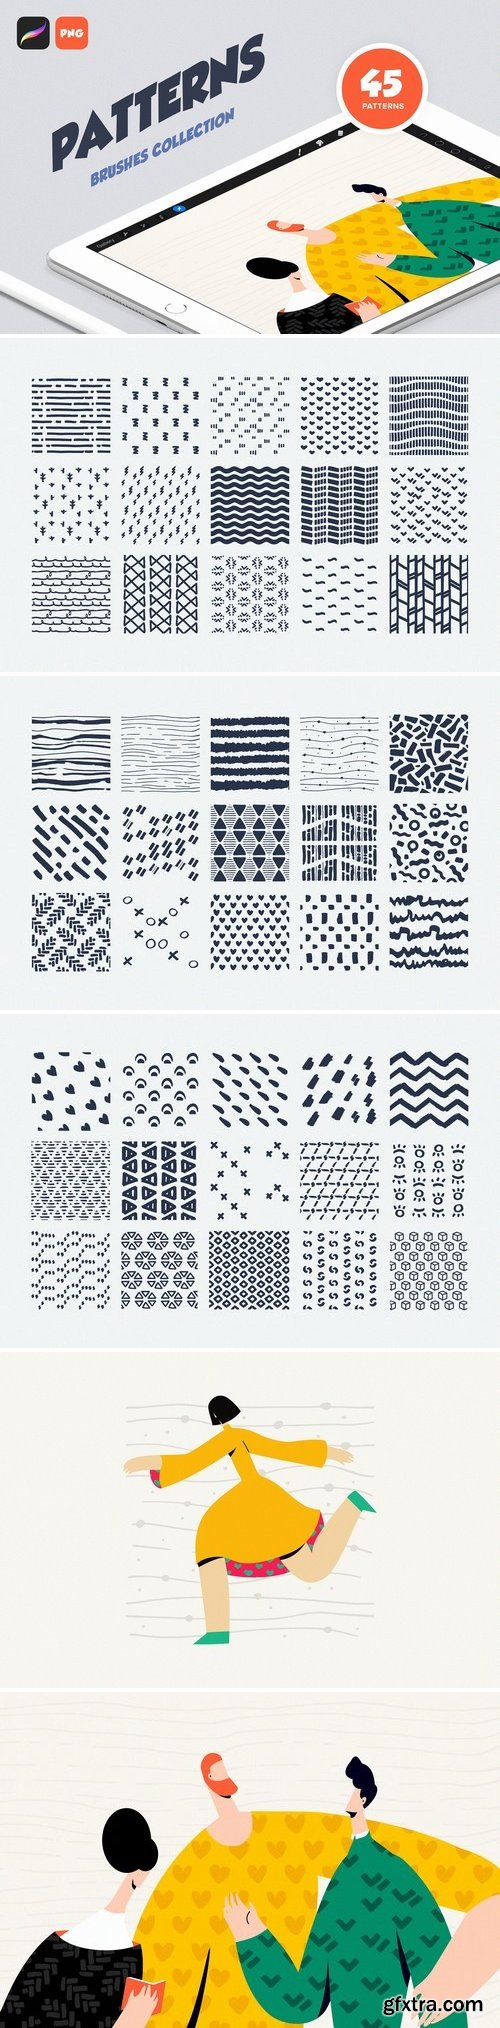 CM - Procreate Patterns: Brushes Set 3039089